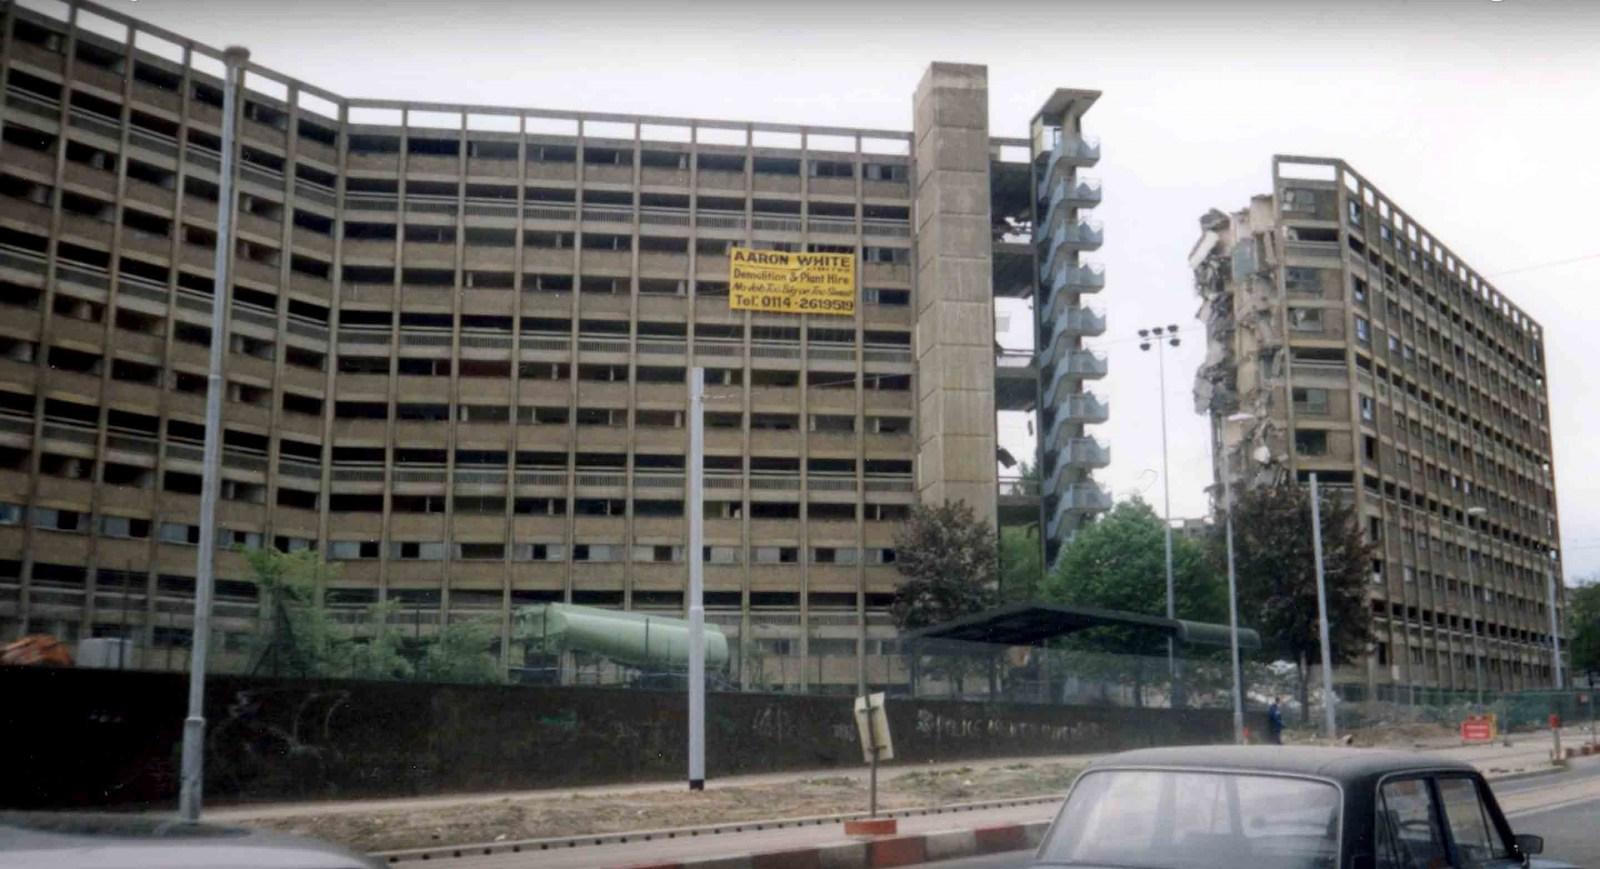 kelvin flats demolition sheffield.jpg